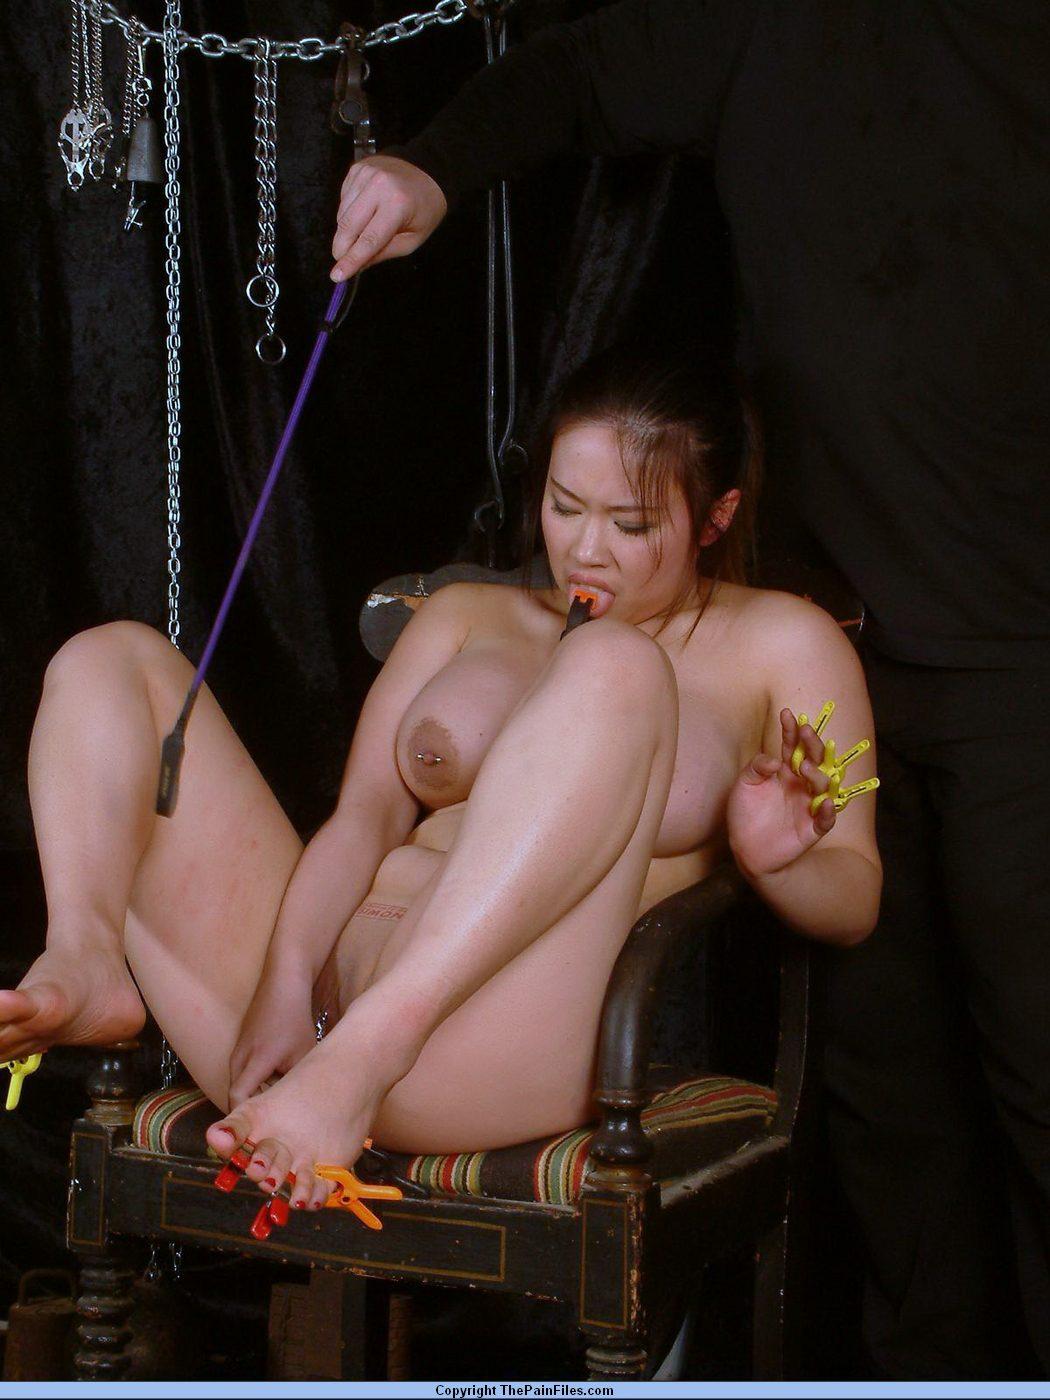 Bdsm reality show of asian slave tigerr benson drawing punishments and hot waxing torments tnaflix porn pics